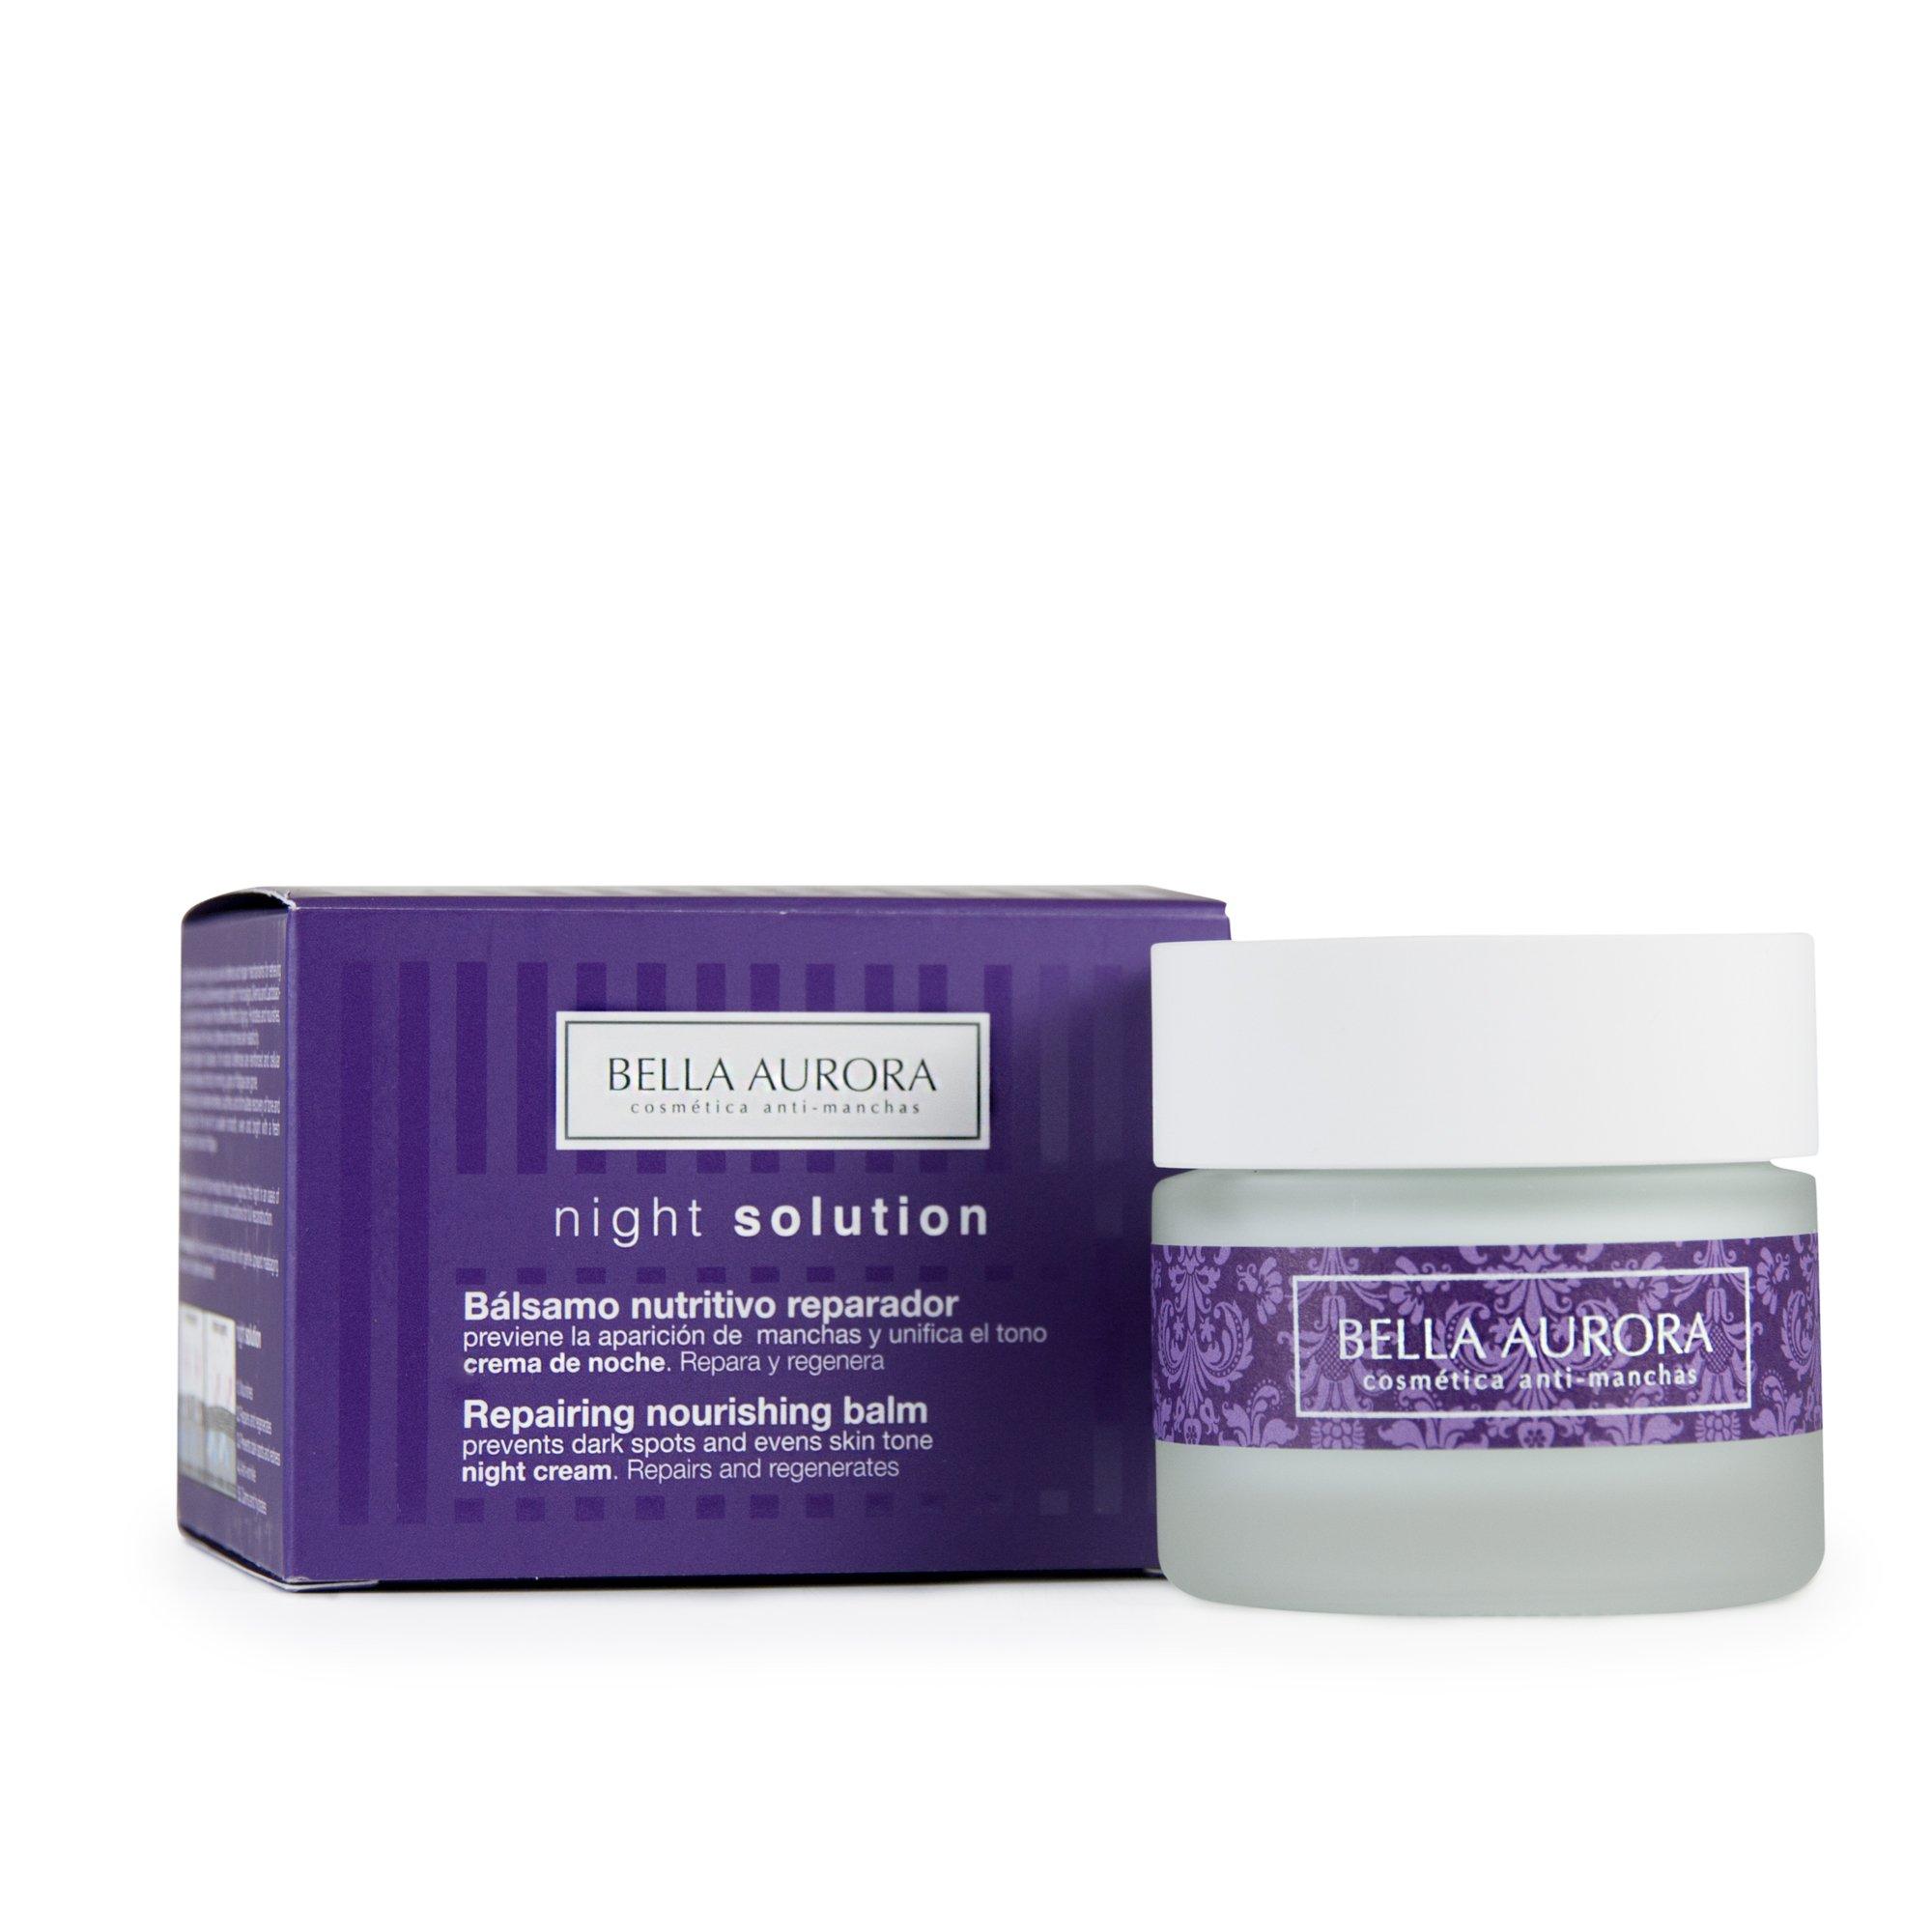 Bella Aurora Night Solution Bálsamo Nutritivo y Reparador Anti-Arrugas Crema Facial Hidratante de Noche